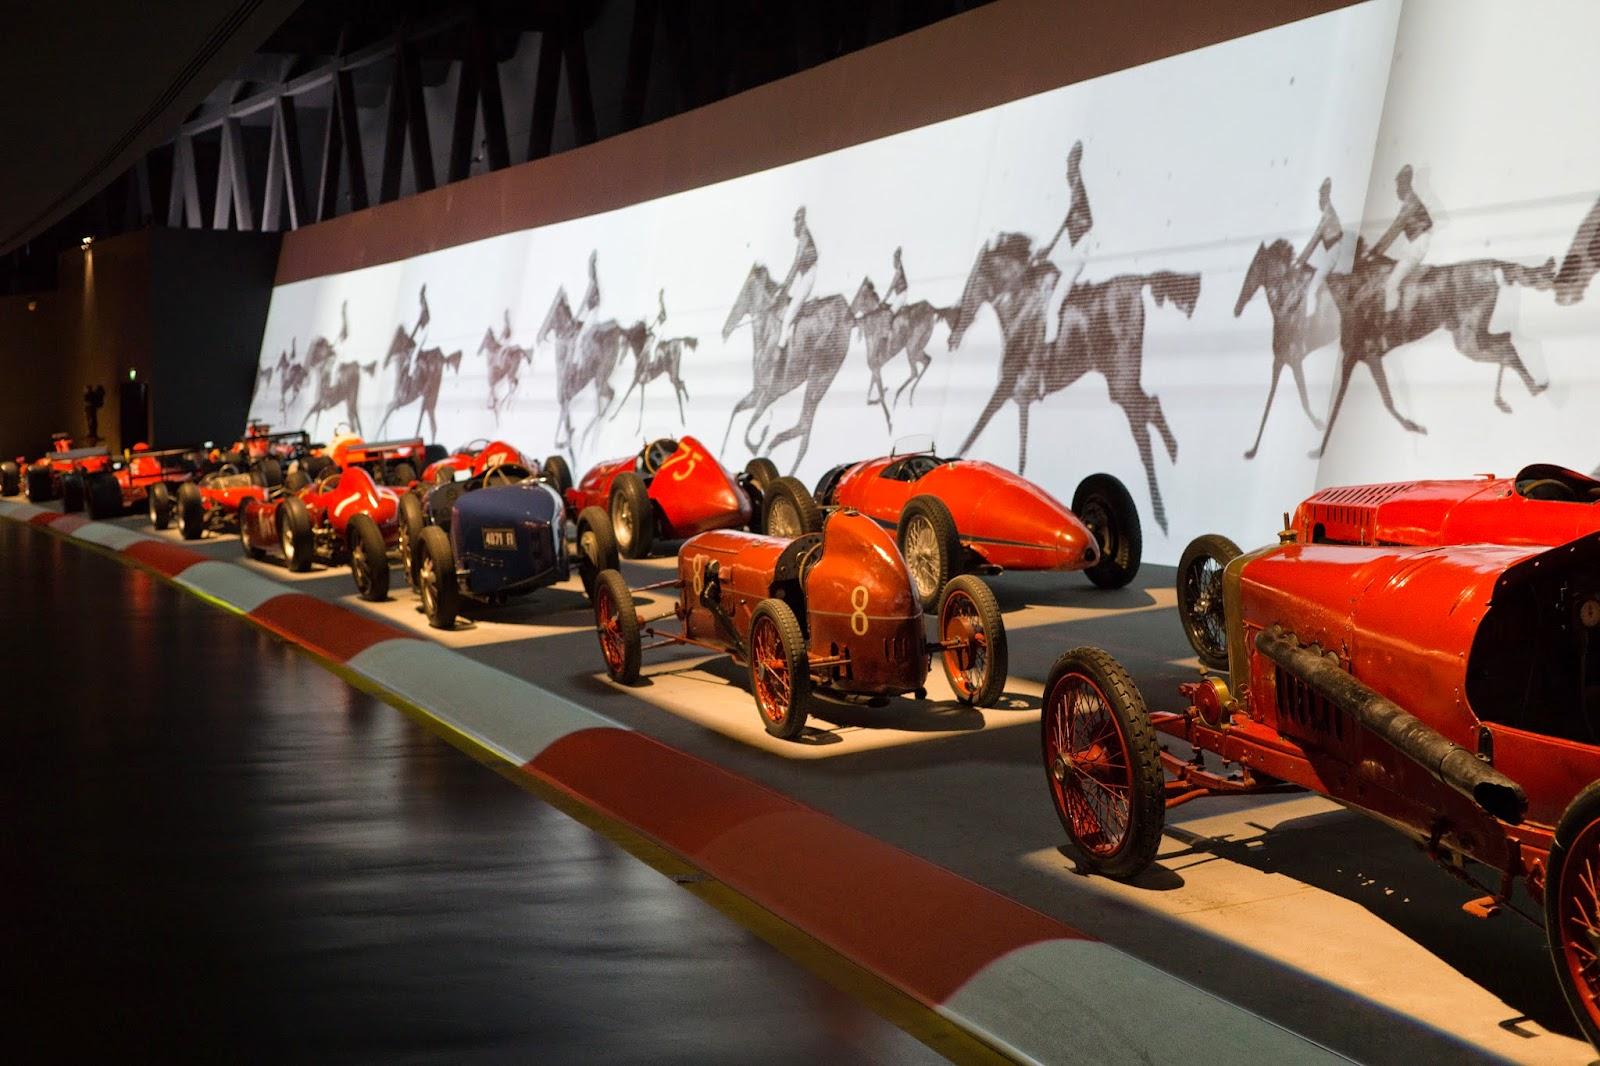 Museo del automóvil de Turín